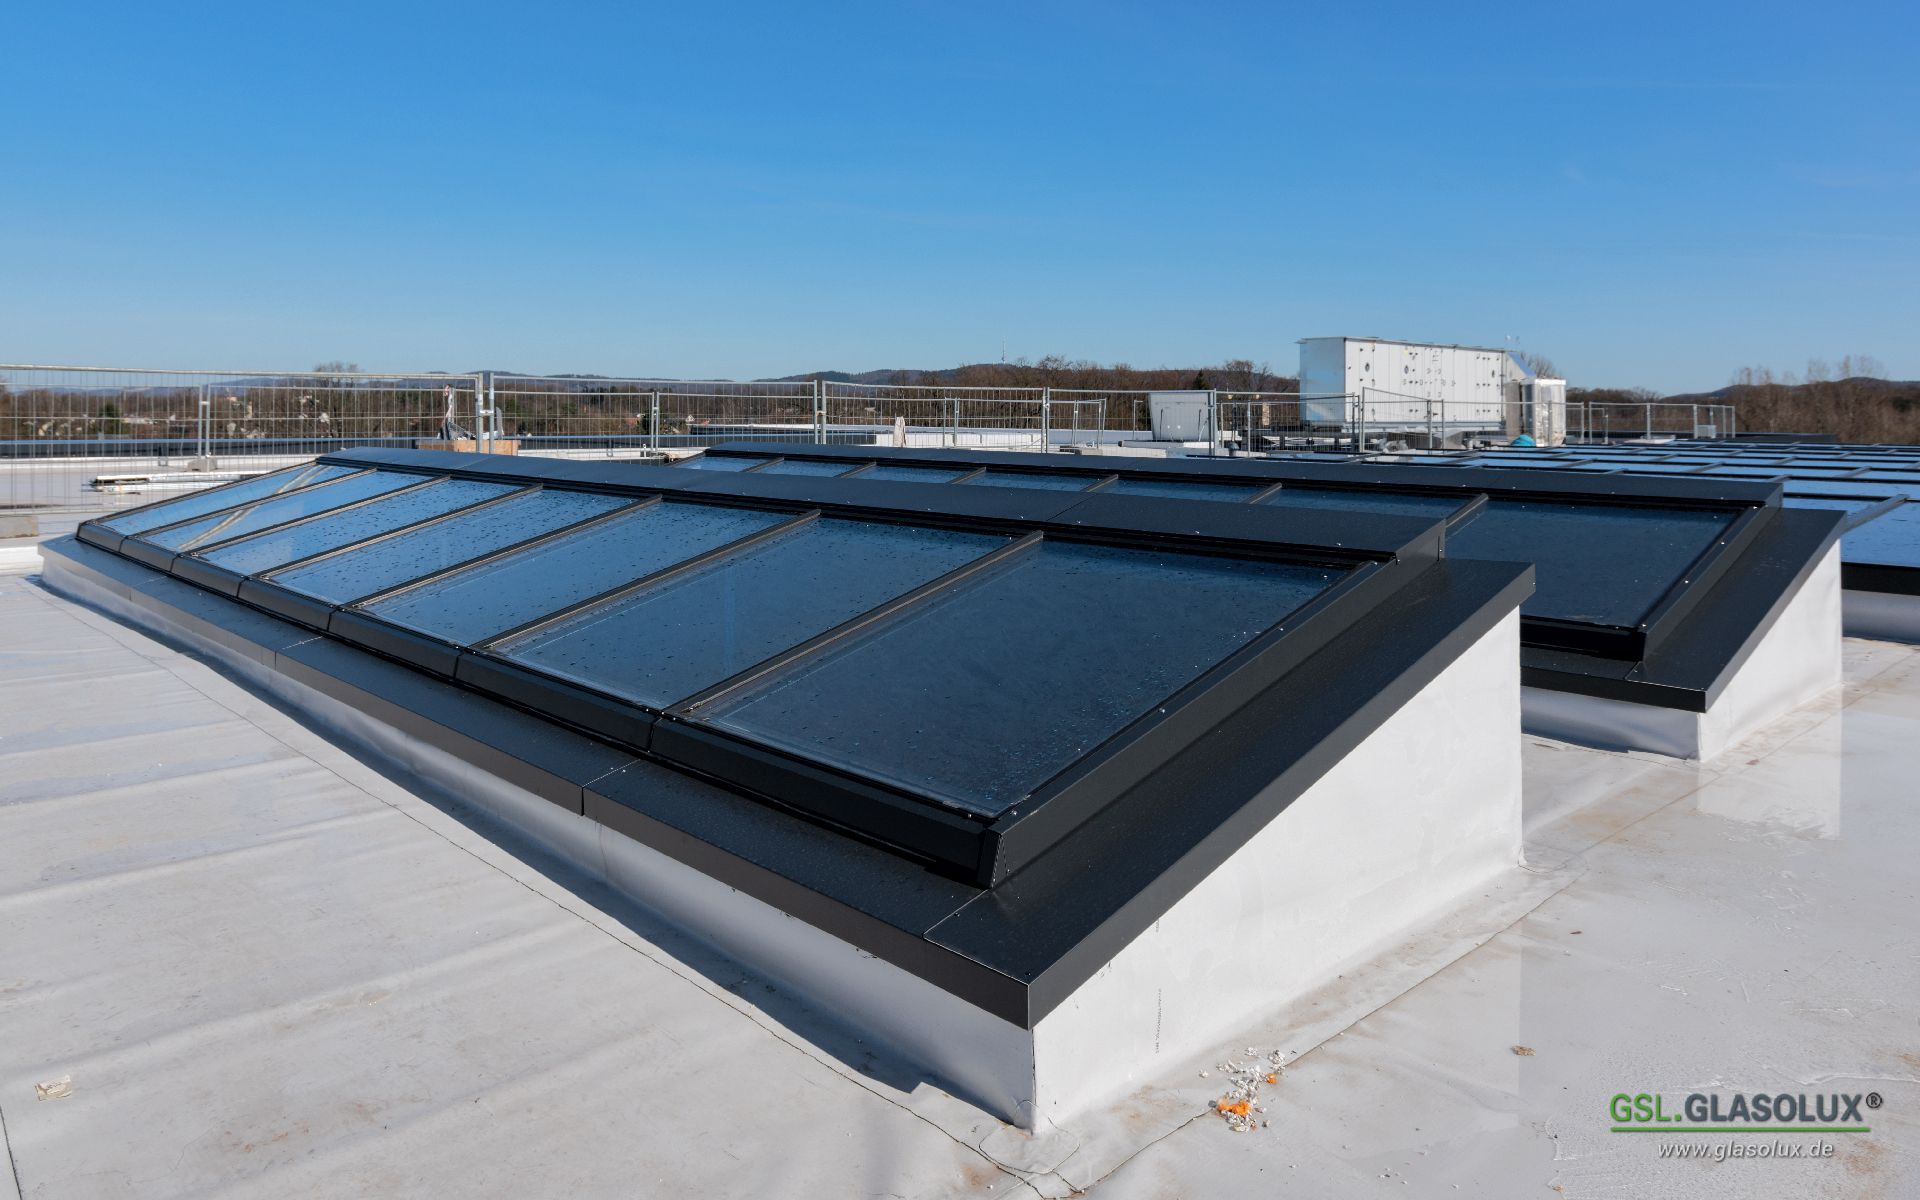 Auf Diesem Dach Haben Wir Drei A74 Lichtbänder Montiert Wovon Jedes